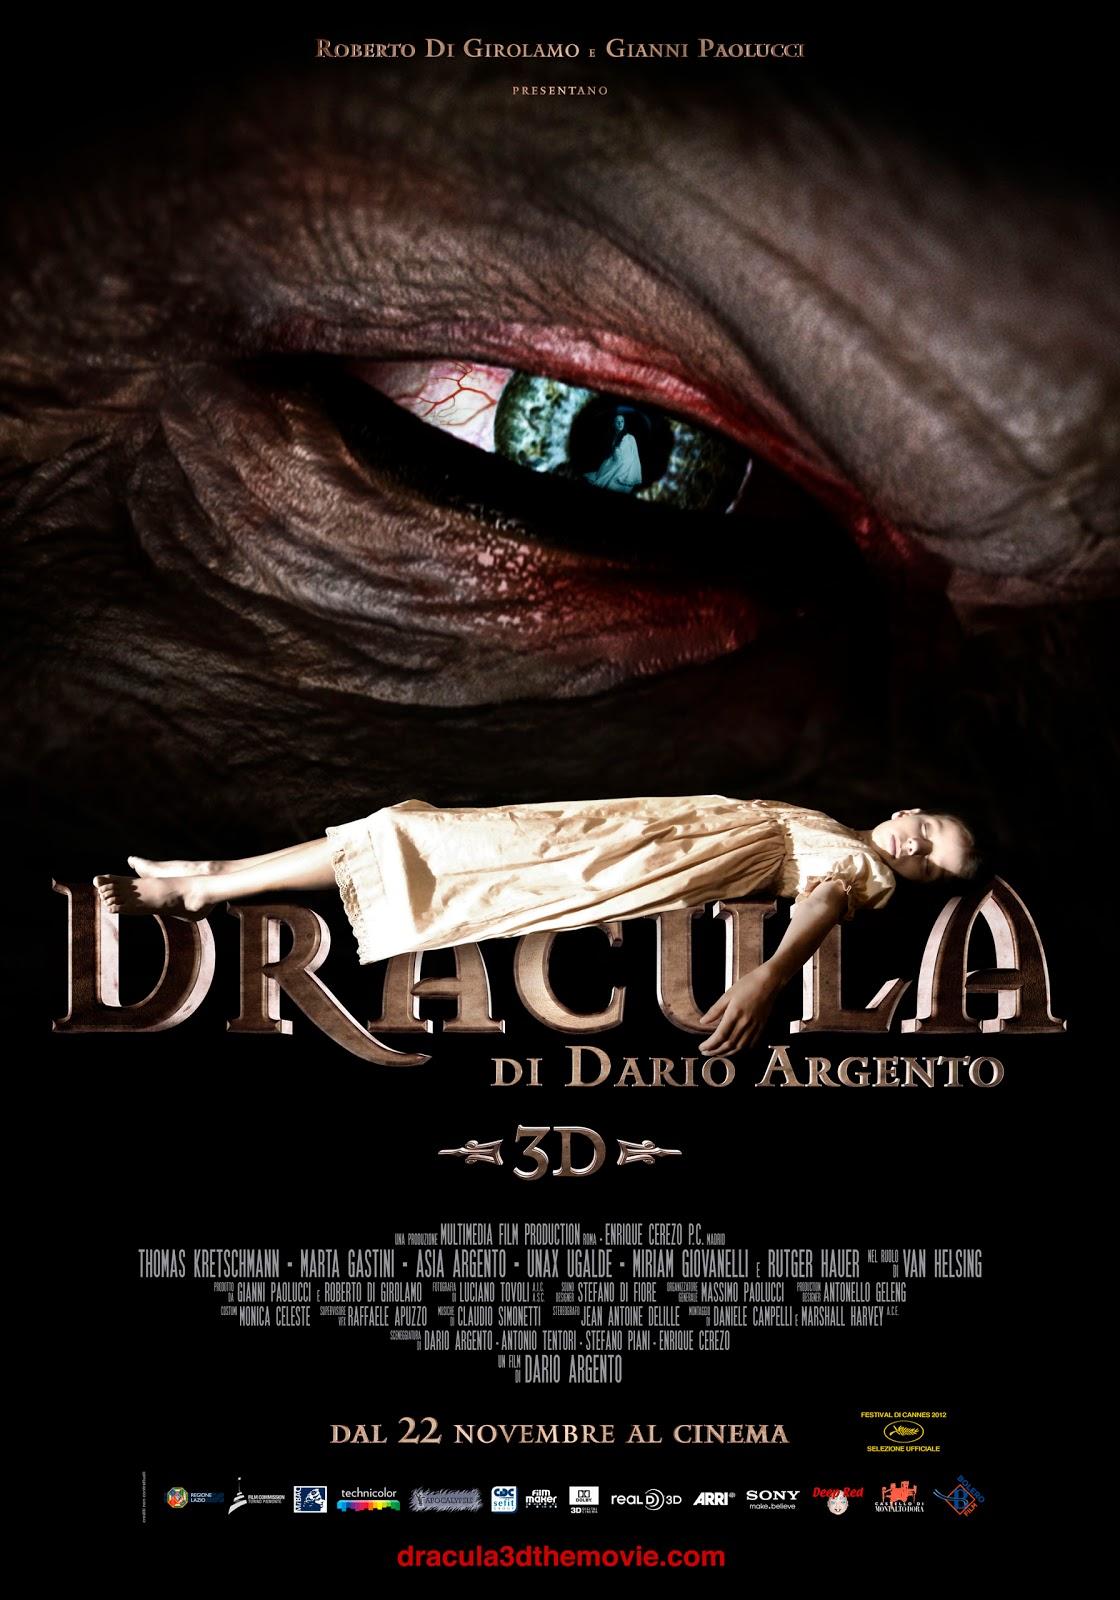 http://4.bp.blogspot.com/-Piaexf_NxsE/UJqX6IkCtCI/AAAAAAAALEA/shVhKC9KSEg/s1600/Dracula+3D+POSTER.jpg